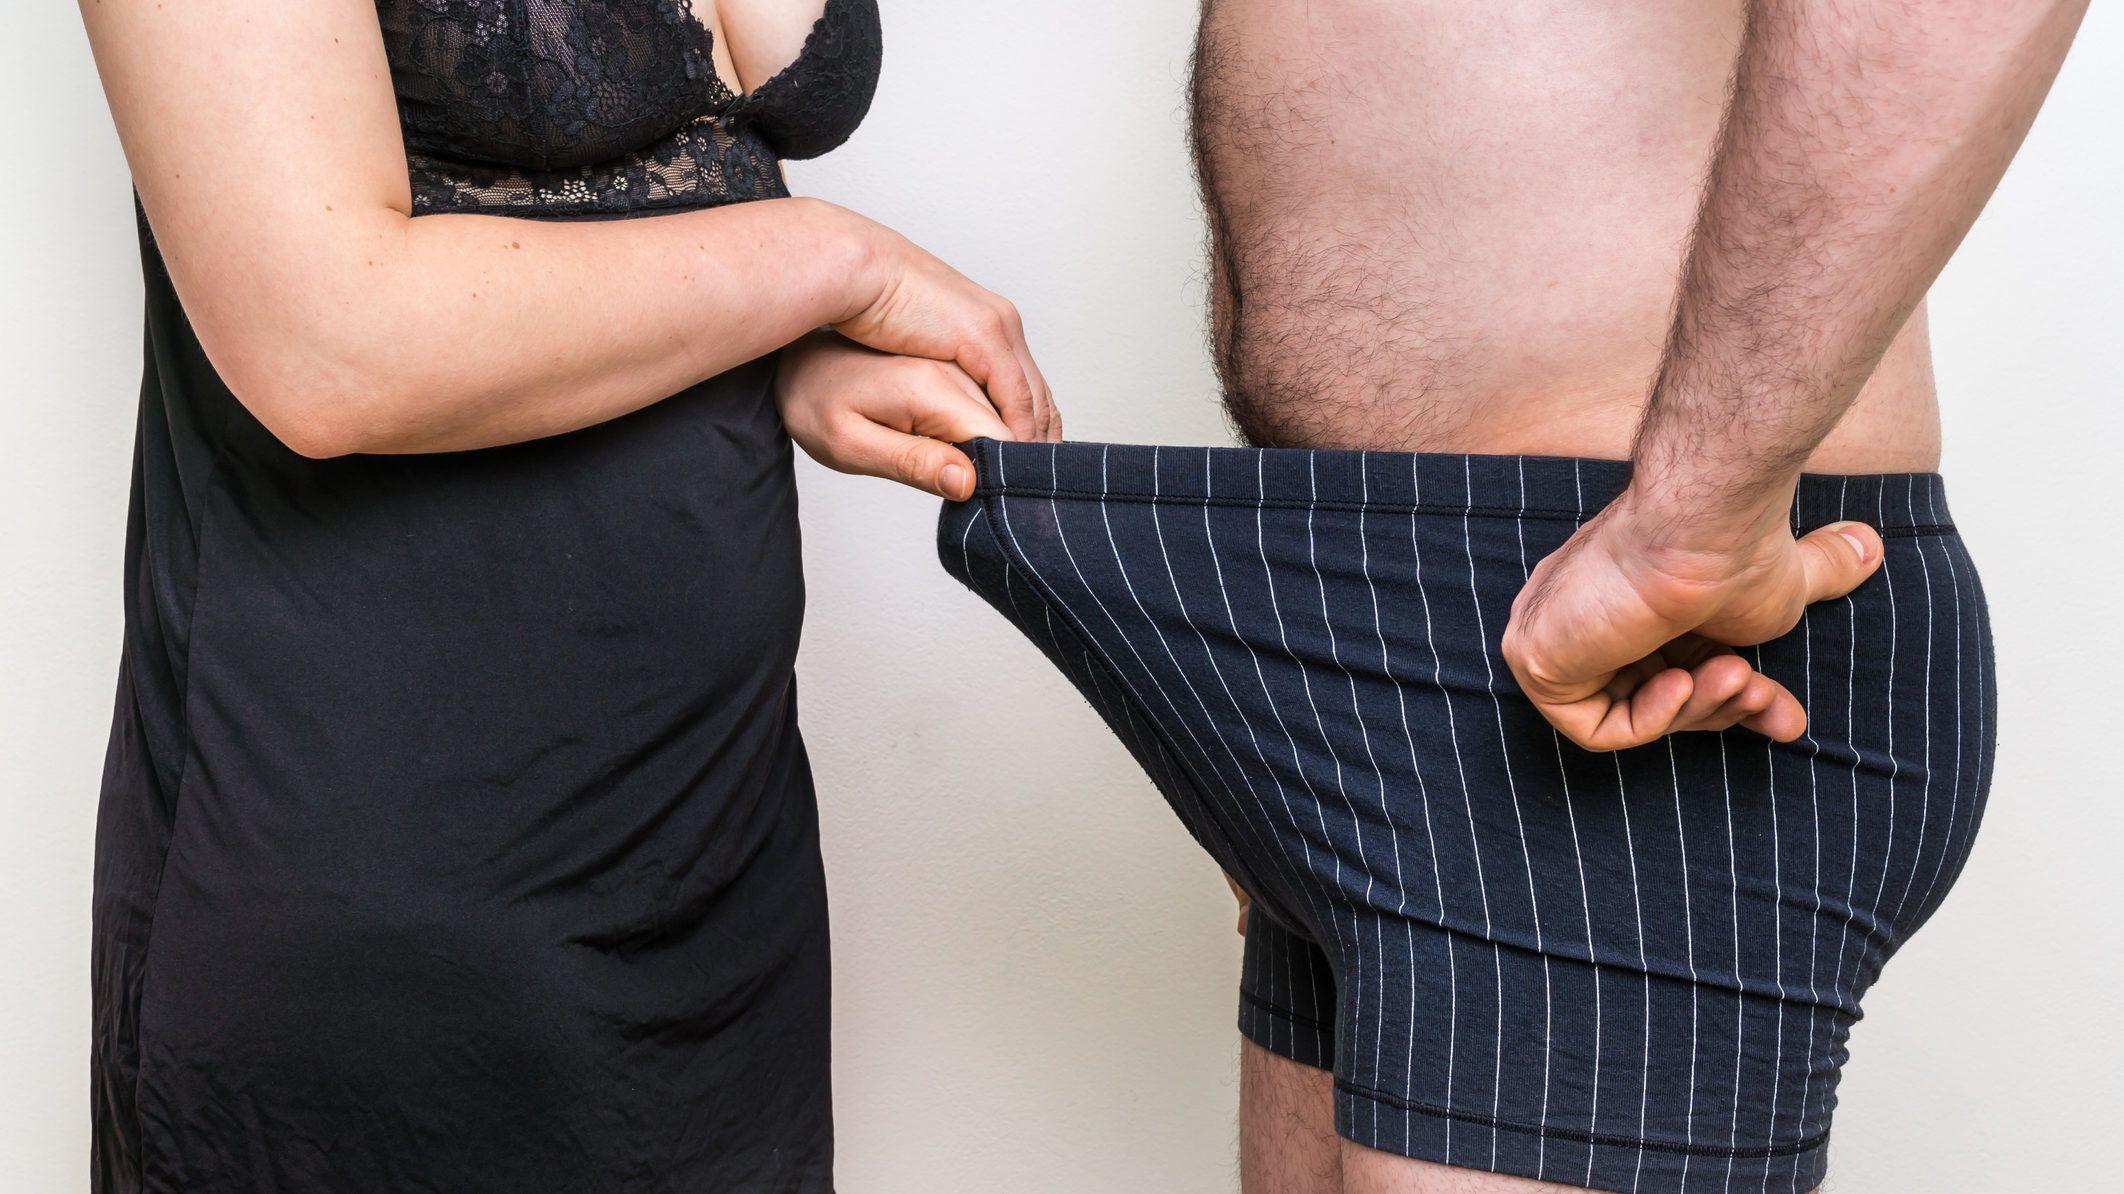 hogy a pénisz jobban illeszkedjen a férfiaknál ha az orvosnak problémái vannak az erekcióval